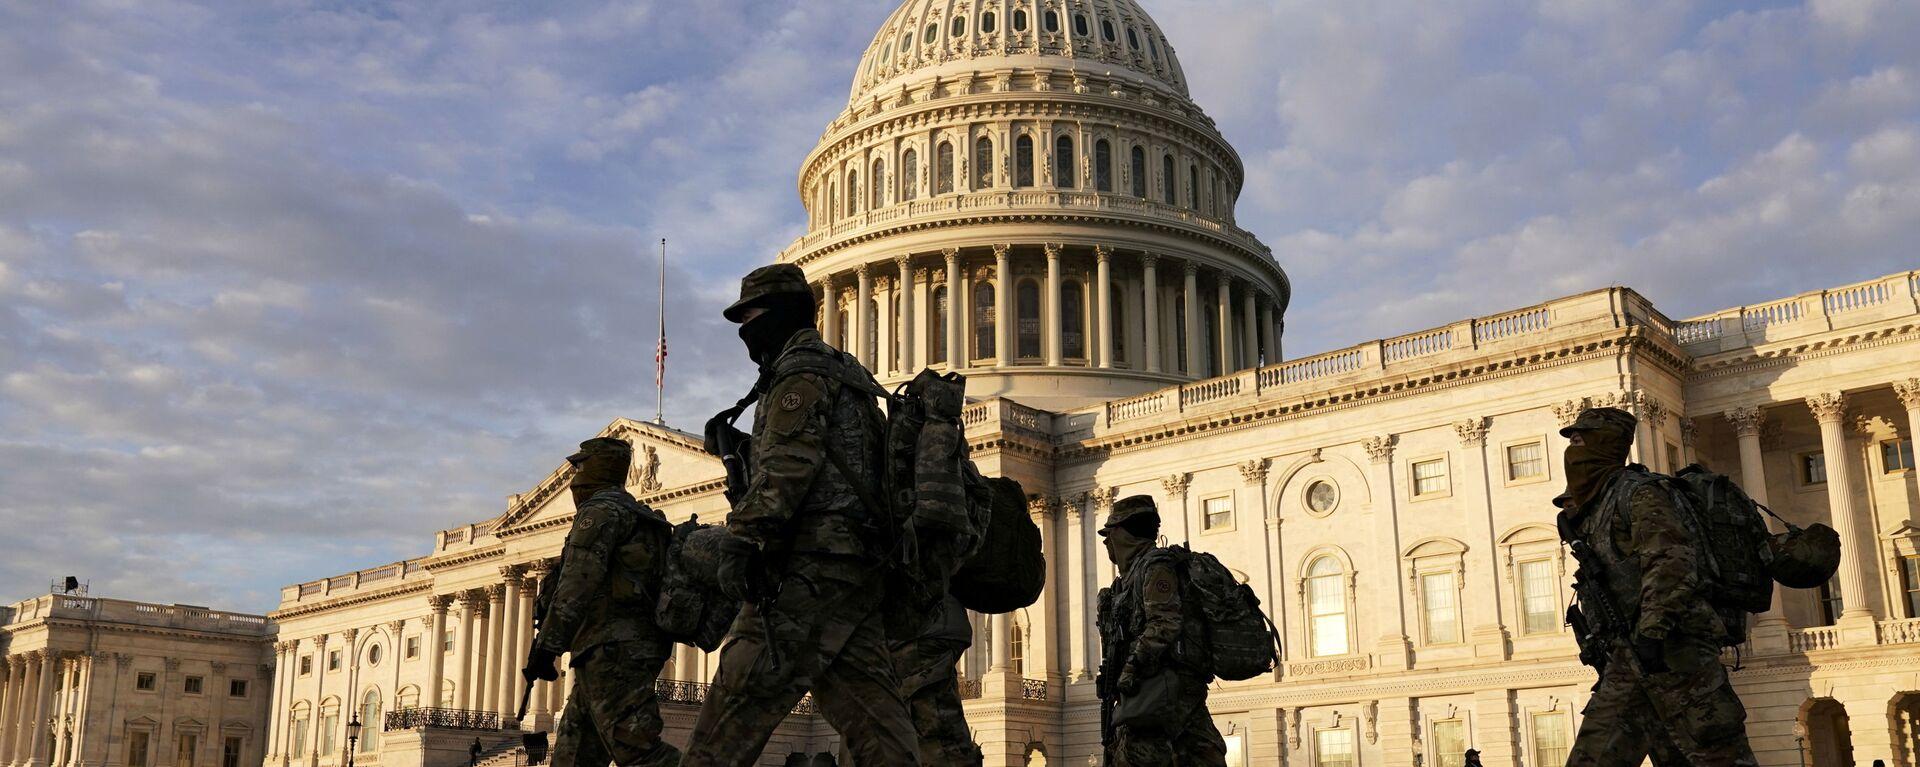 Военнослужащие Национальной гвардии США у здания Капитолия в Вашингтоне - Sputnik Узбекистан, 1920, 15.01.2021